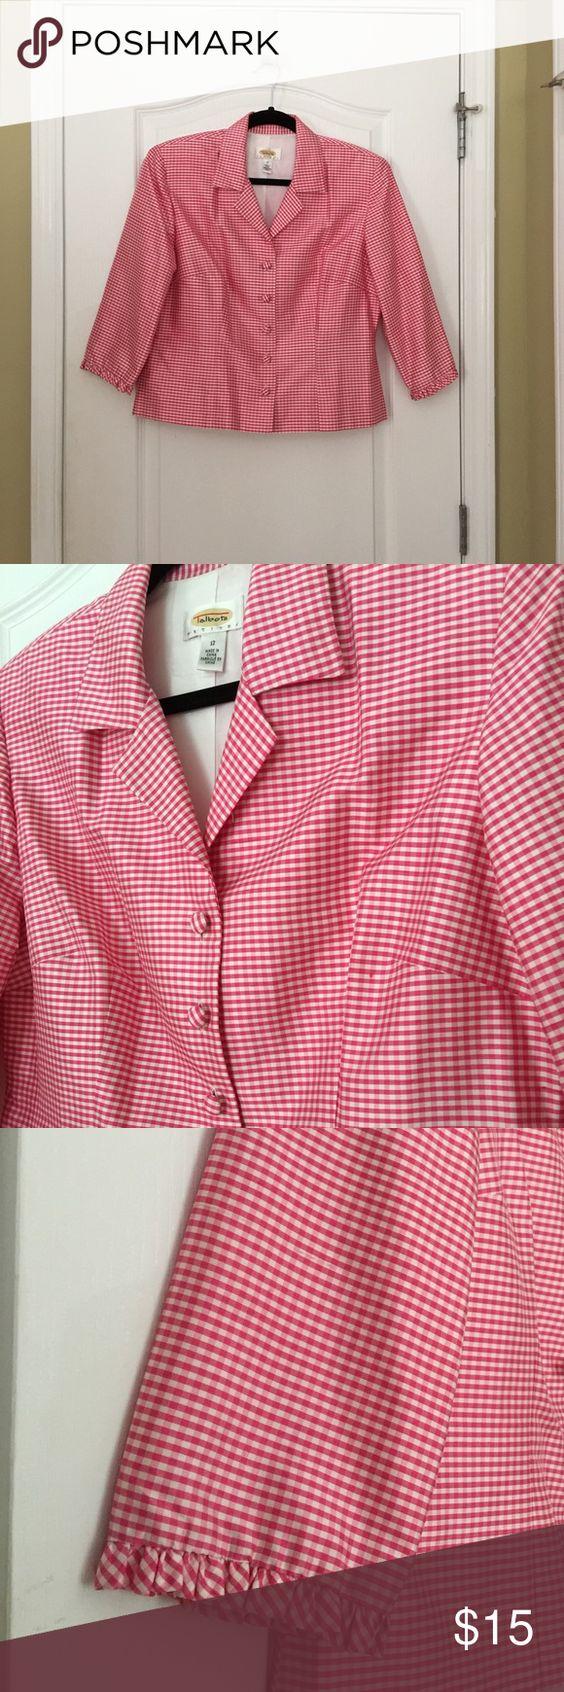 Talbots silk blazer/jacket Pretty in checkered pink/white 100% silk. Talbots Jackets & Coats Blazers